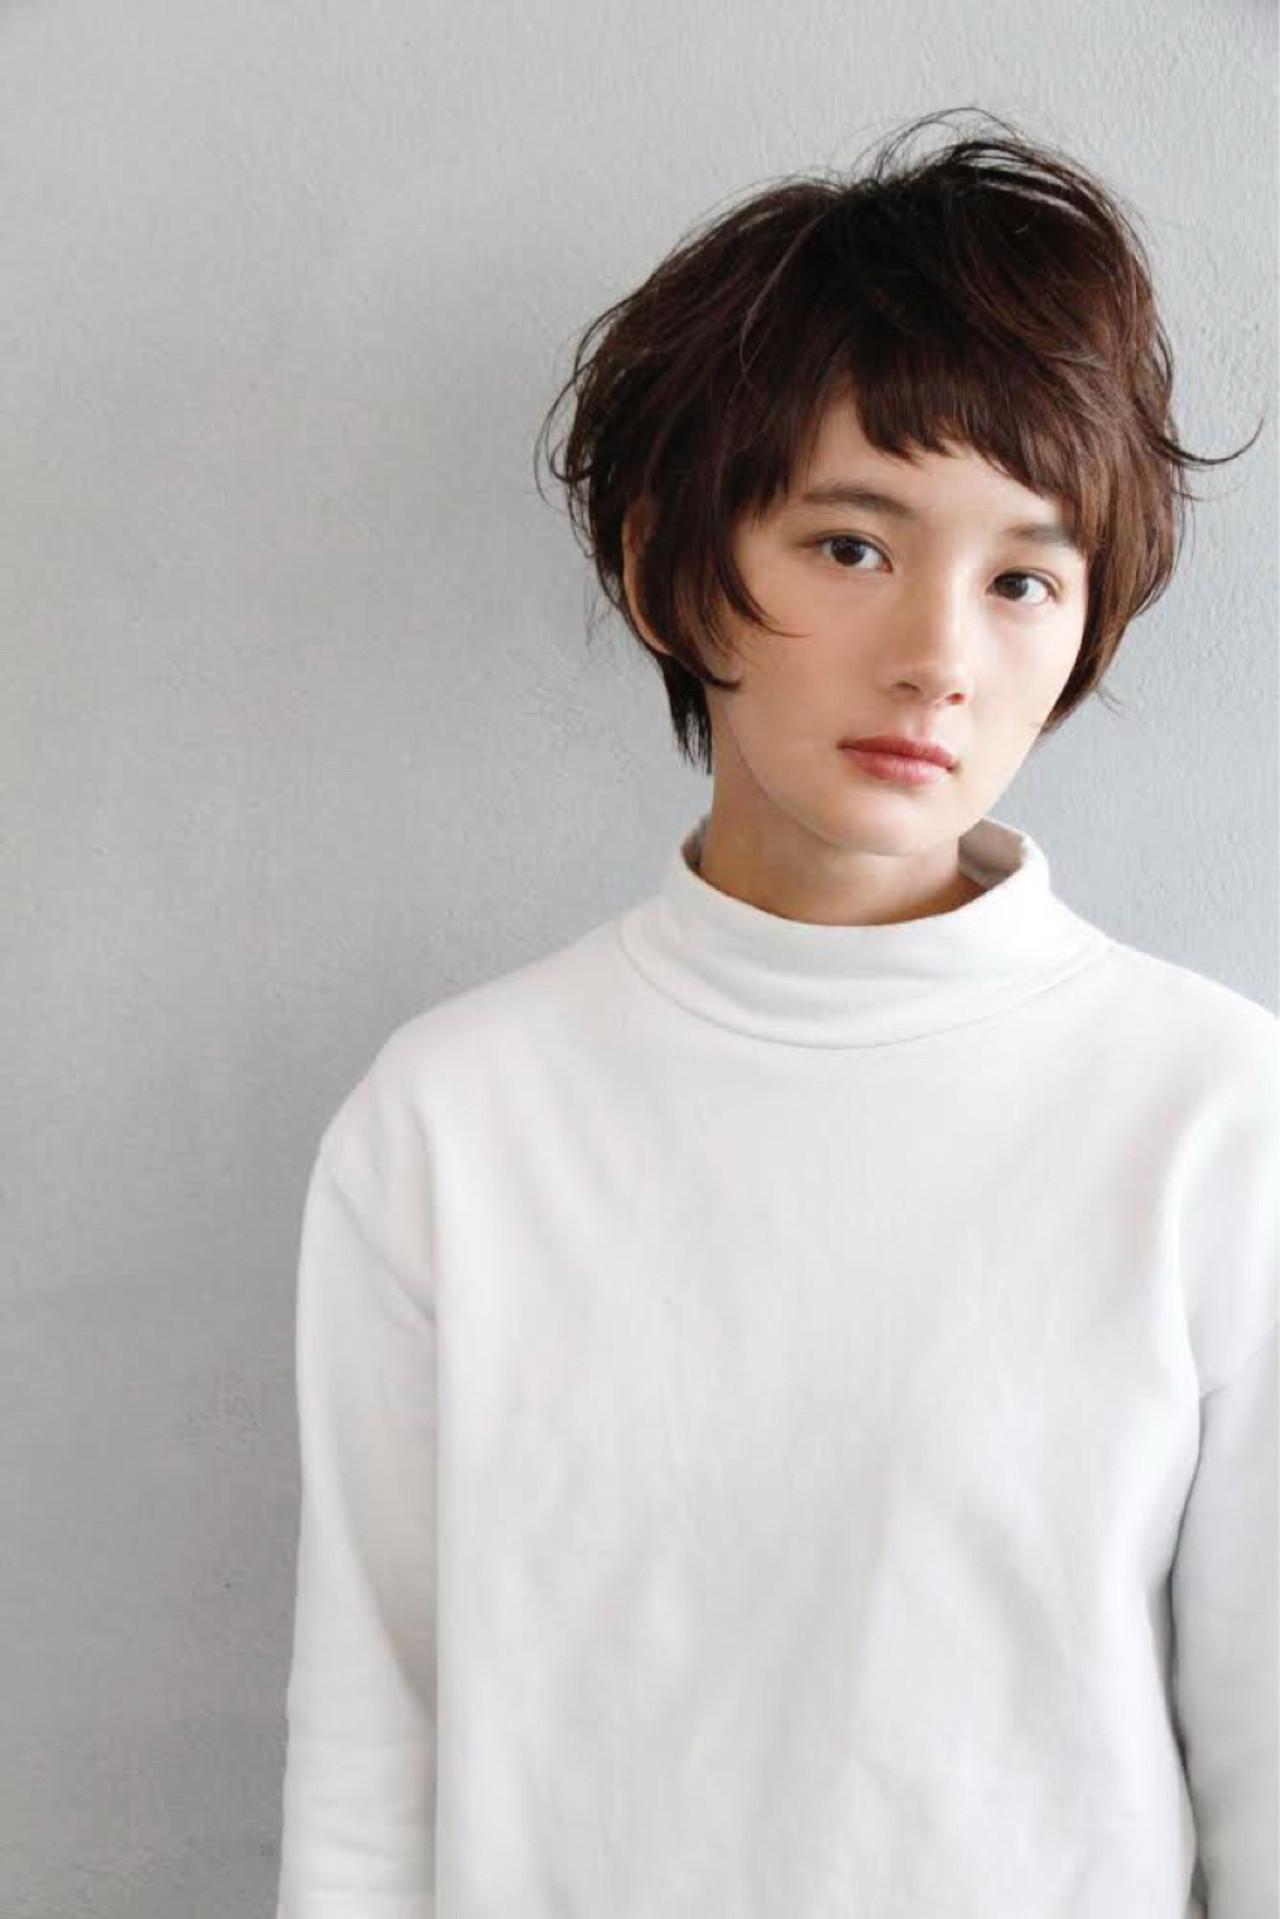 ショートさんのマッシュヘア×オン眉前髪 葛西 祐介